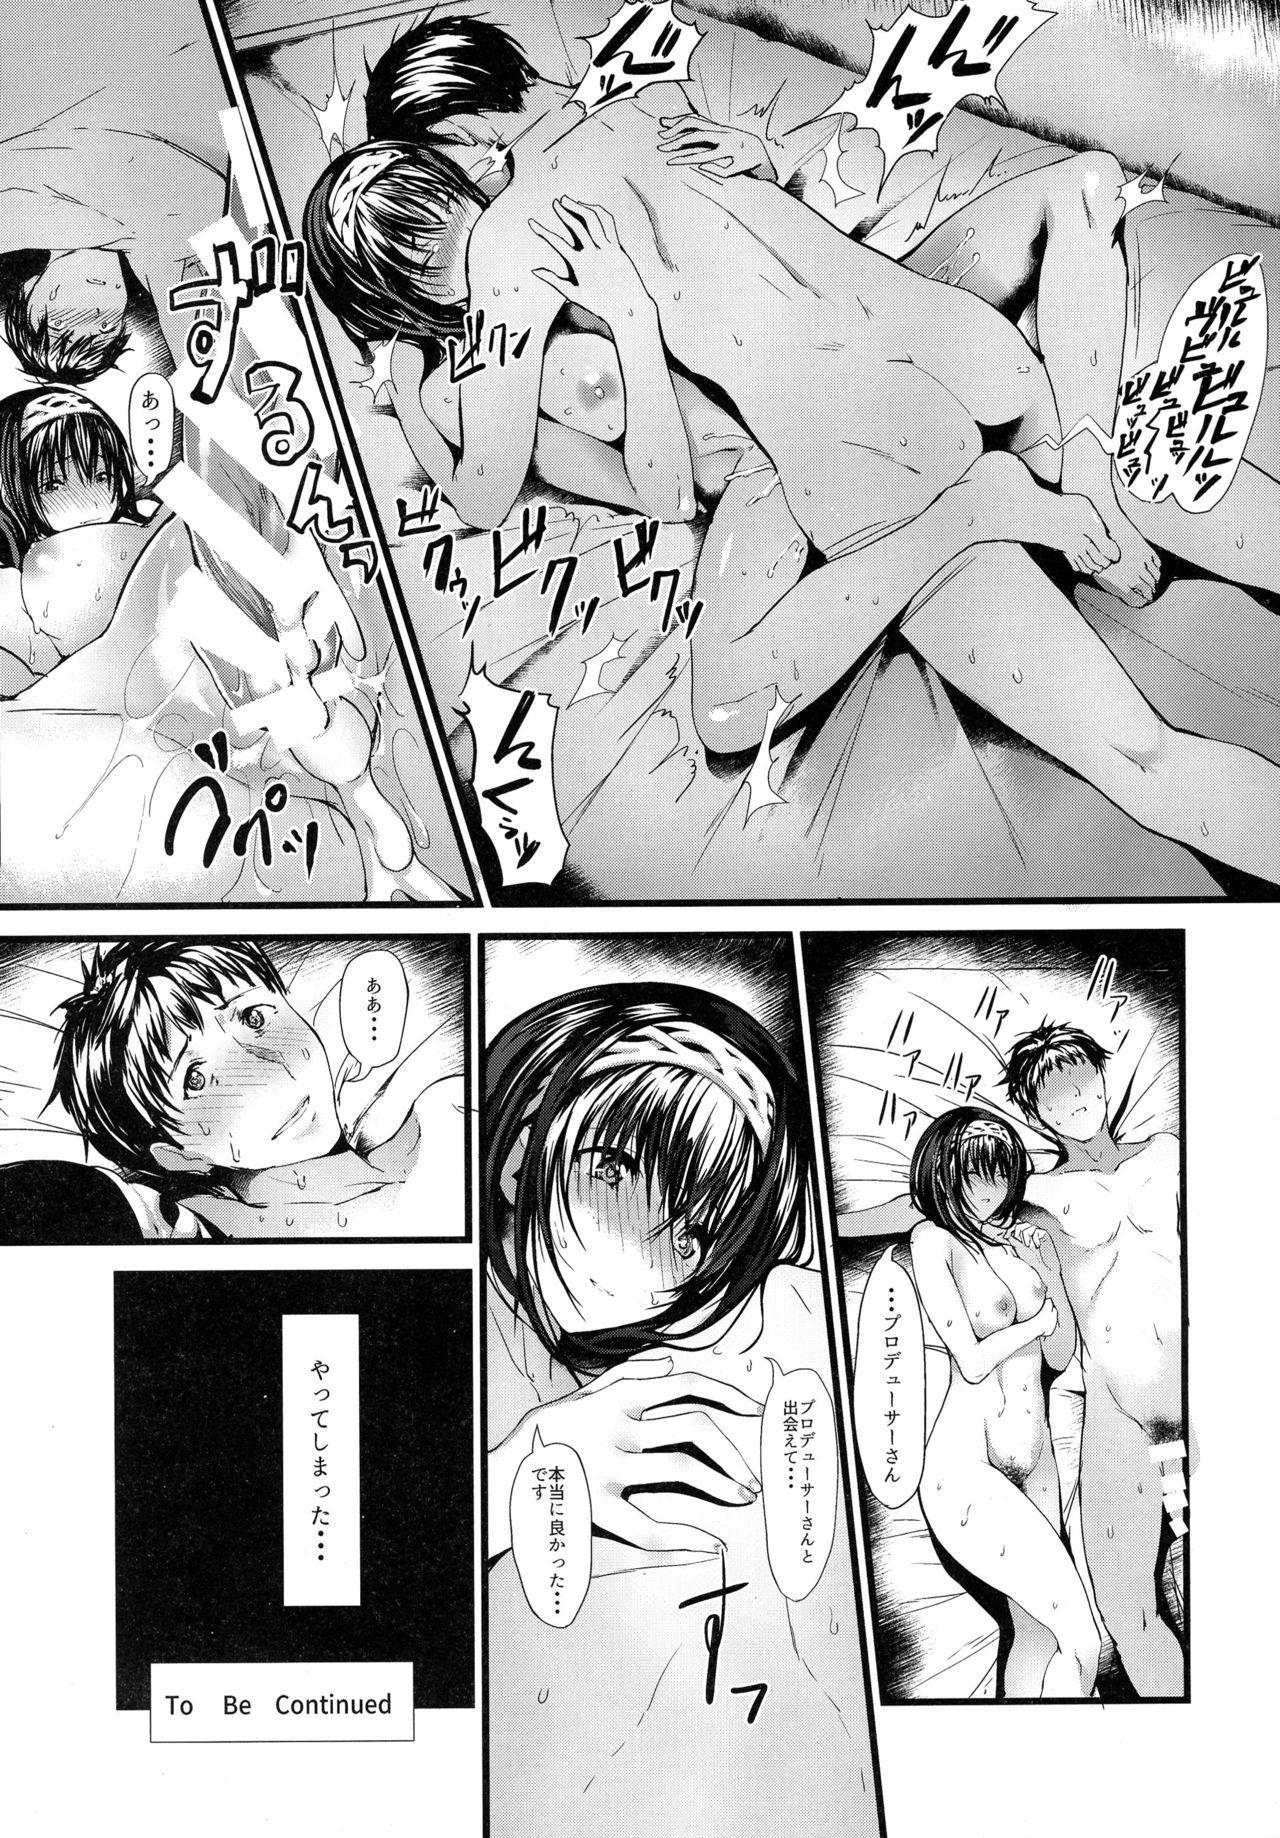 Konna ni mo Itooshii Zero 24